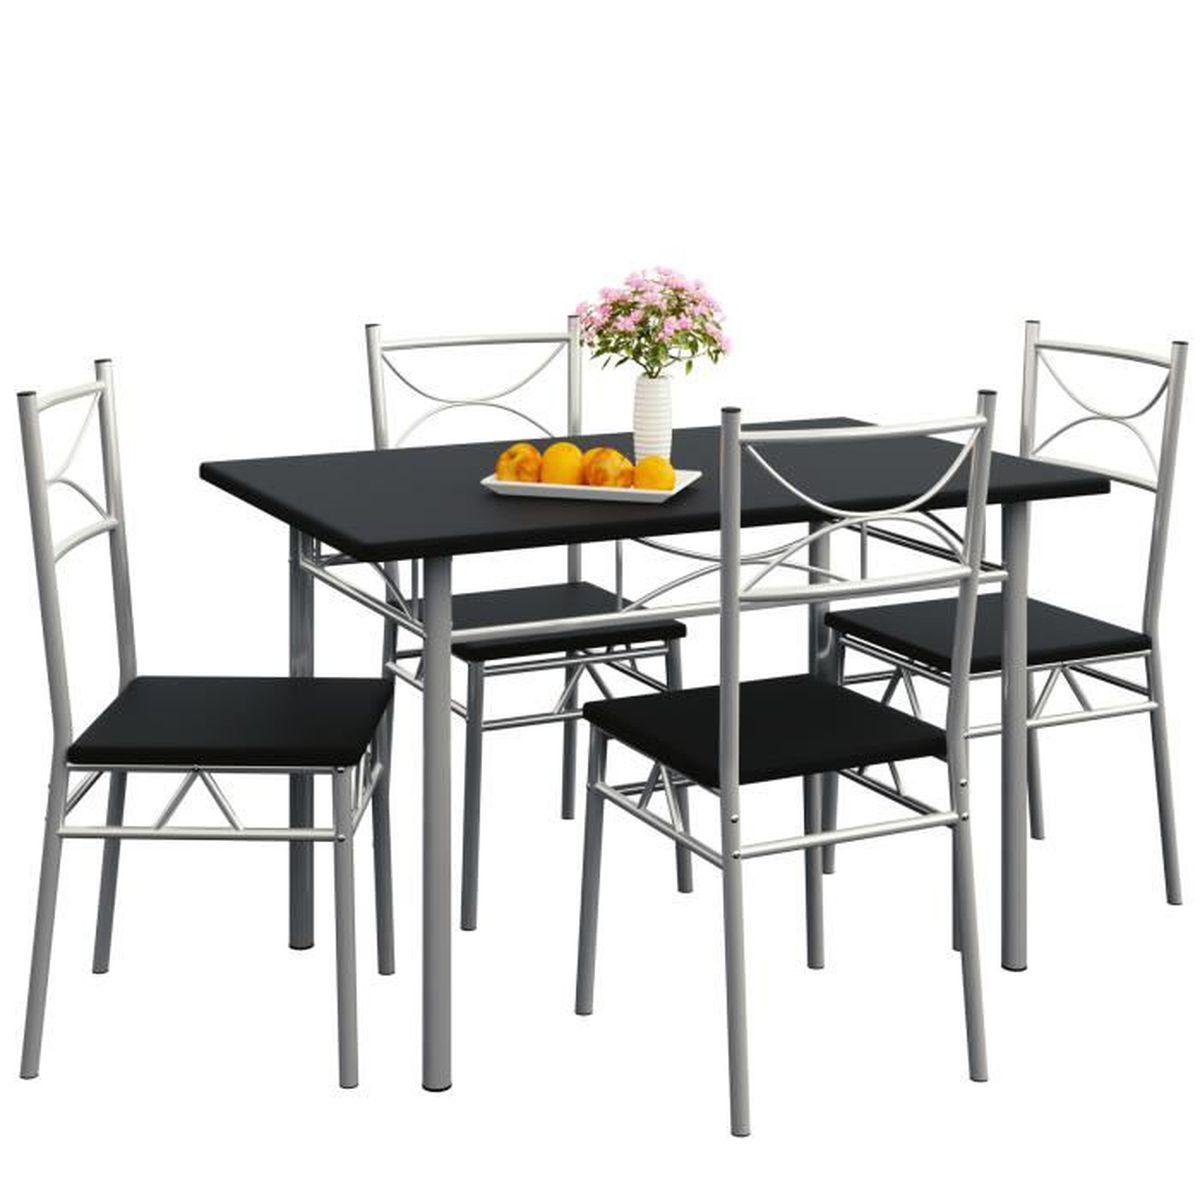 Table Et Chaise De Cuisine Noire Achat Vente Pas Cher